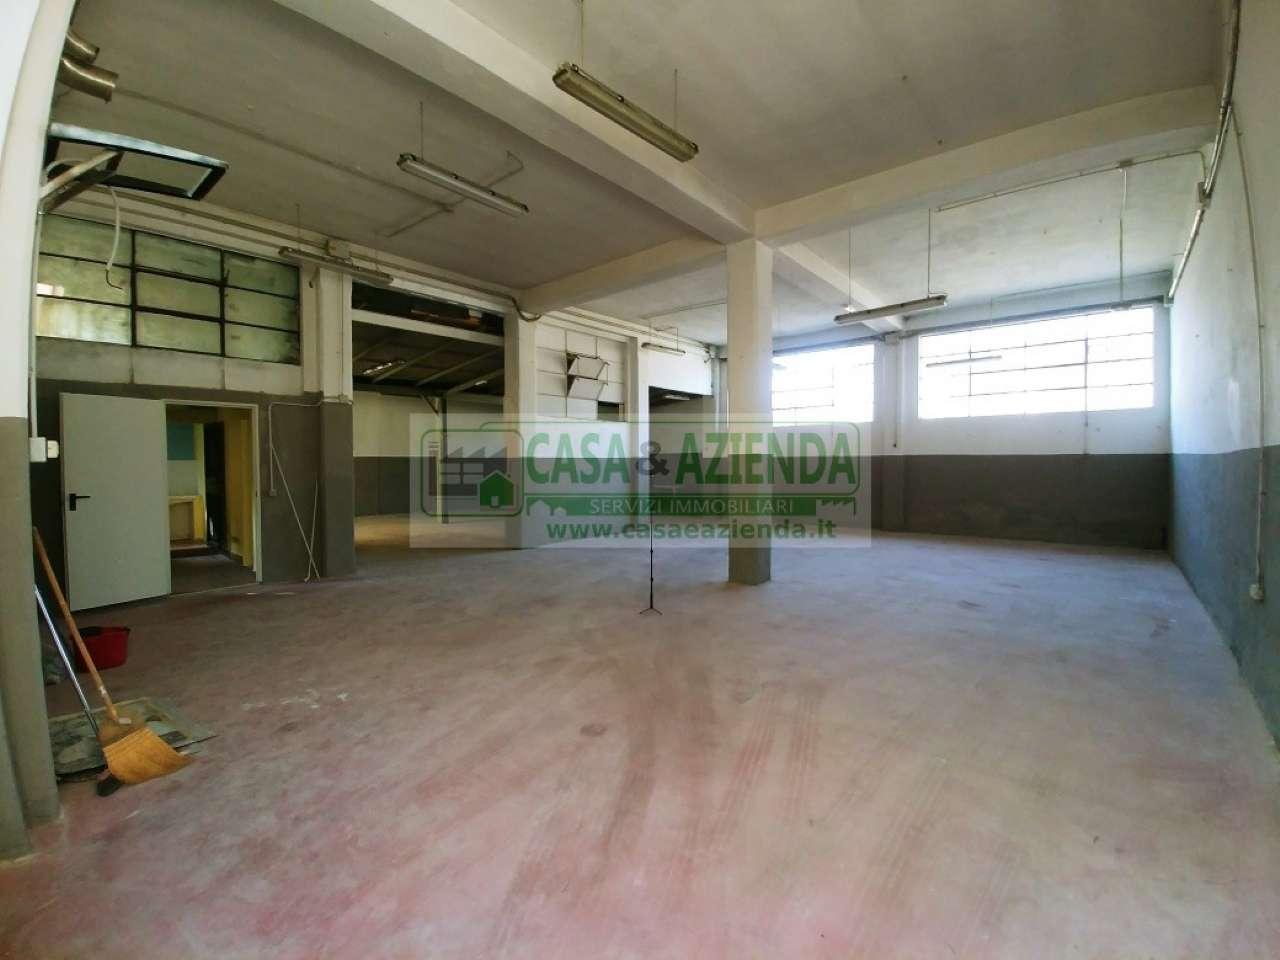 Laboratorio in affitto a Cologno Monzese, 9999 locali, prezzo € 1.167 | CambioCasa.it